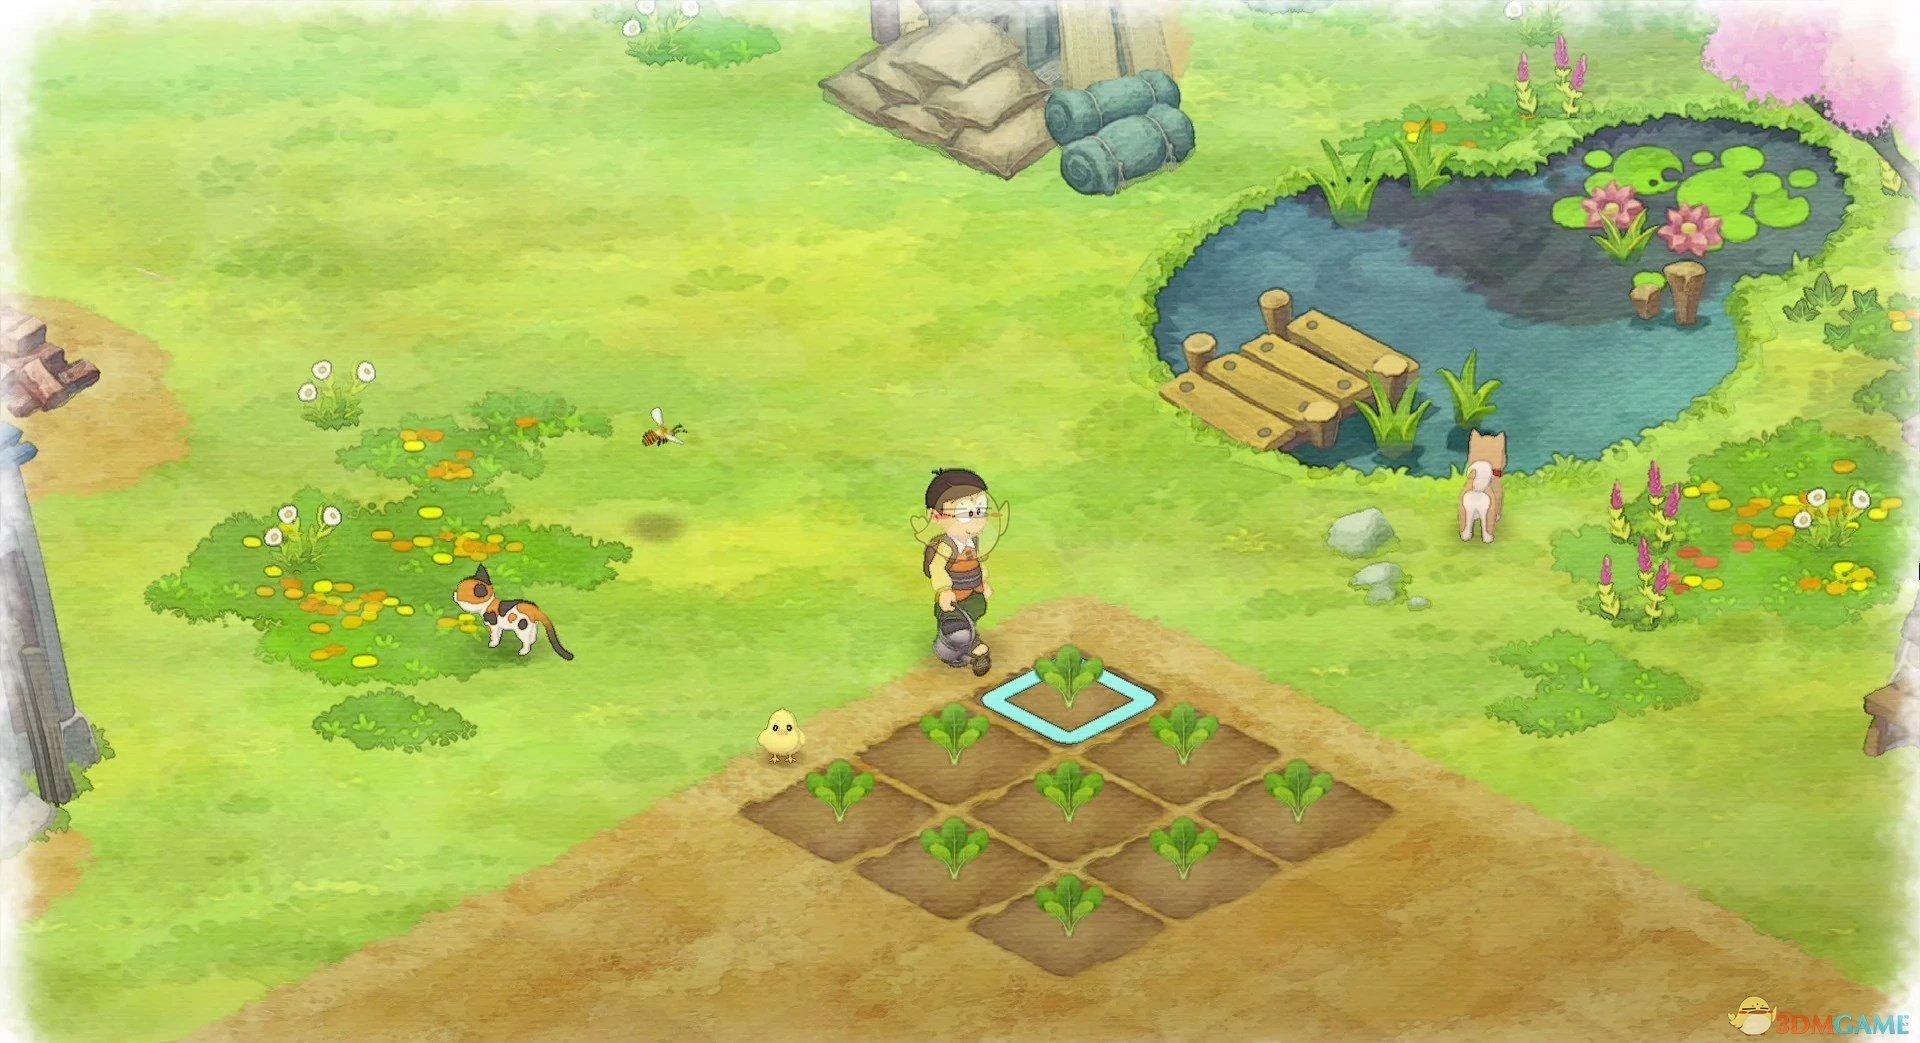 《哆啦A梦:大雄的牧场物语》全季节可钓鱼类分享